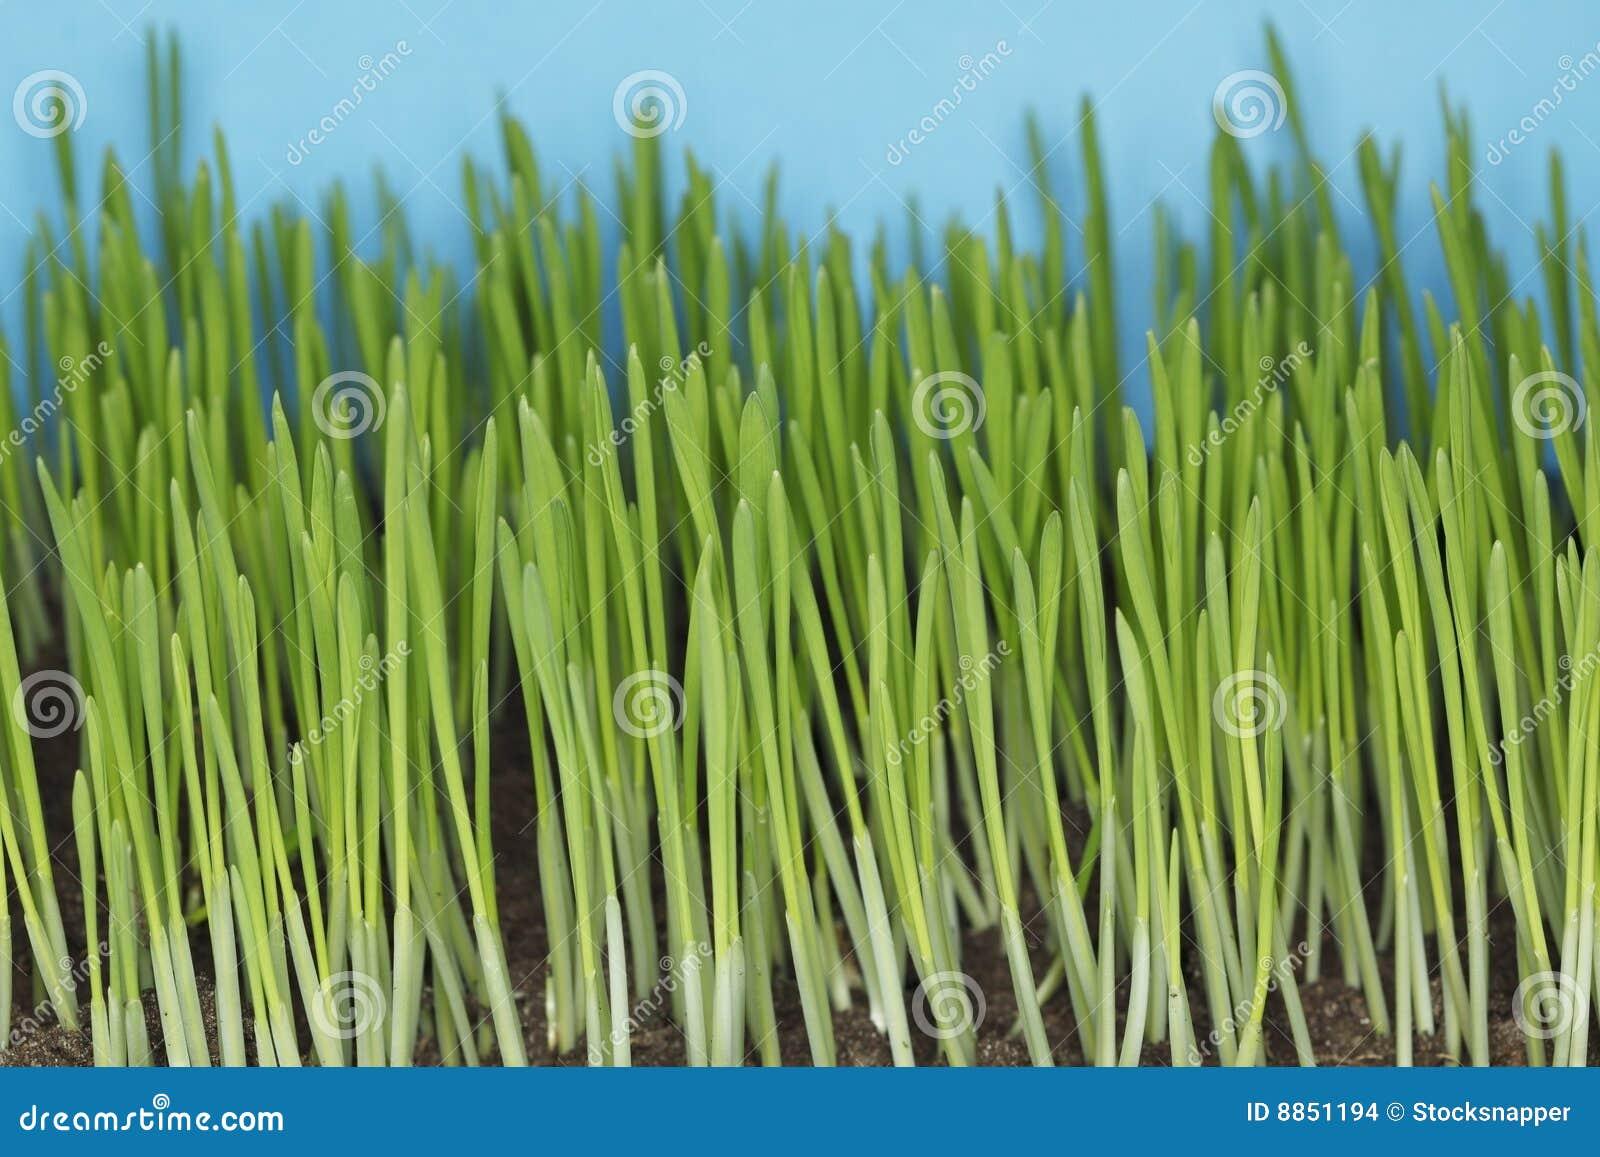 Plantes d orge